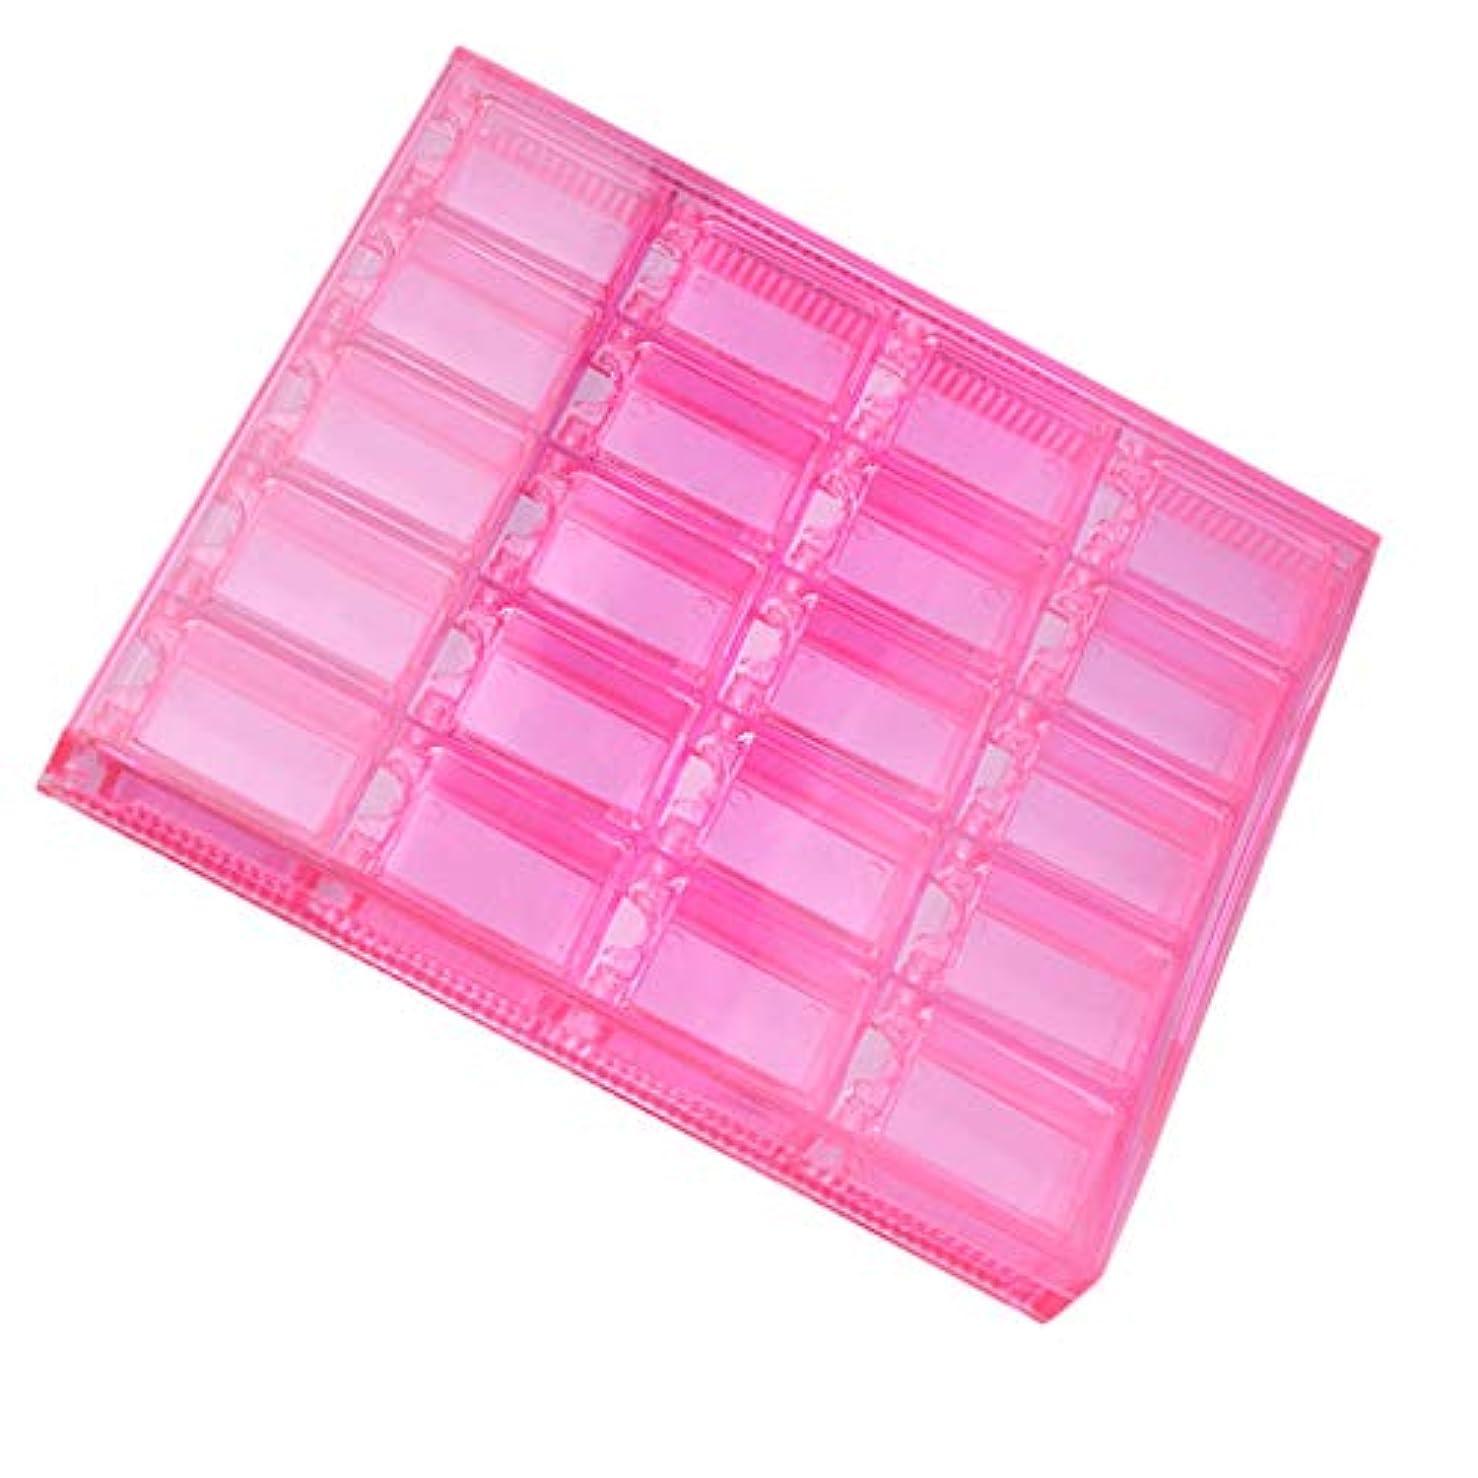 出席ホテル学んだFLAMEER アクリルネイル 収納ケース ラインストーン 収納ボックス 20グリッド 二重カバー保護 全2色 - ピンク